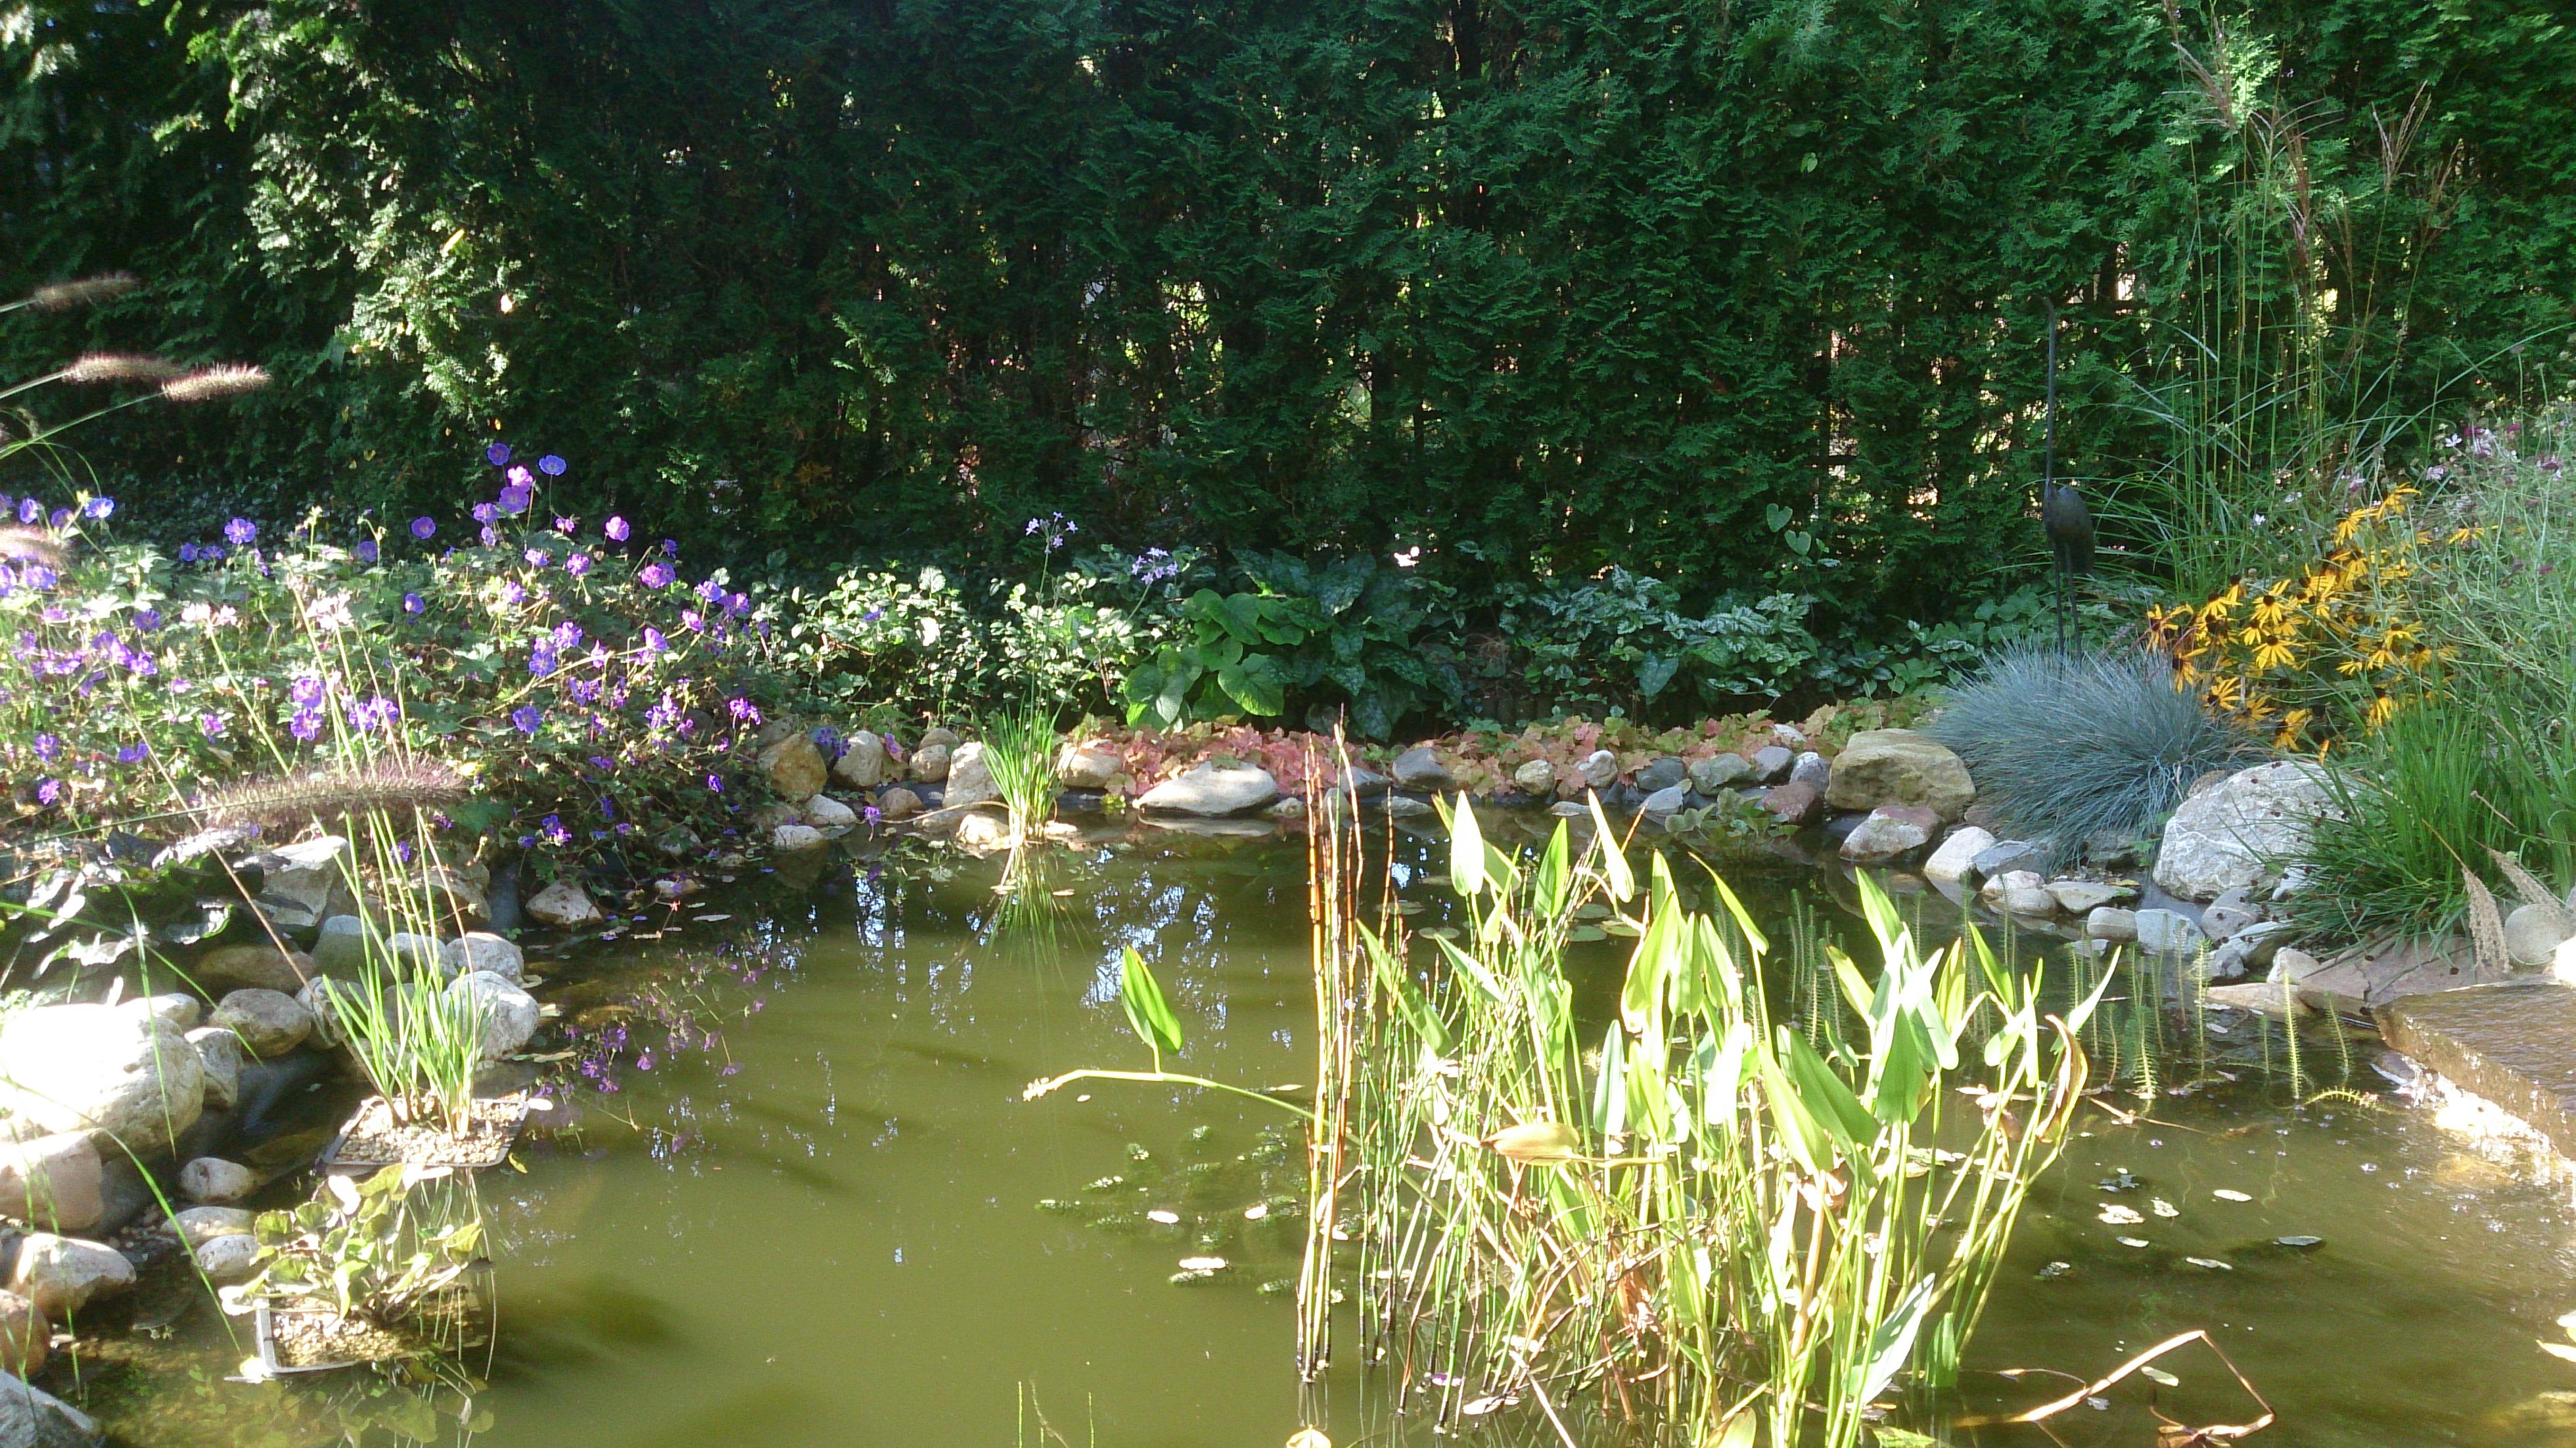 De mildert tuinen website weelderige tuin met for Vijver in tuin